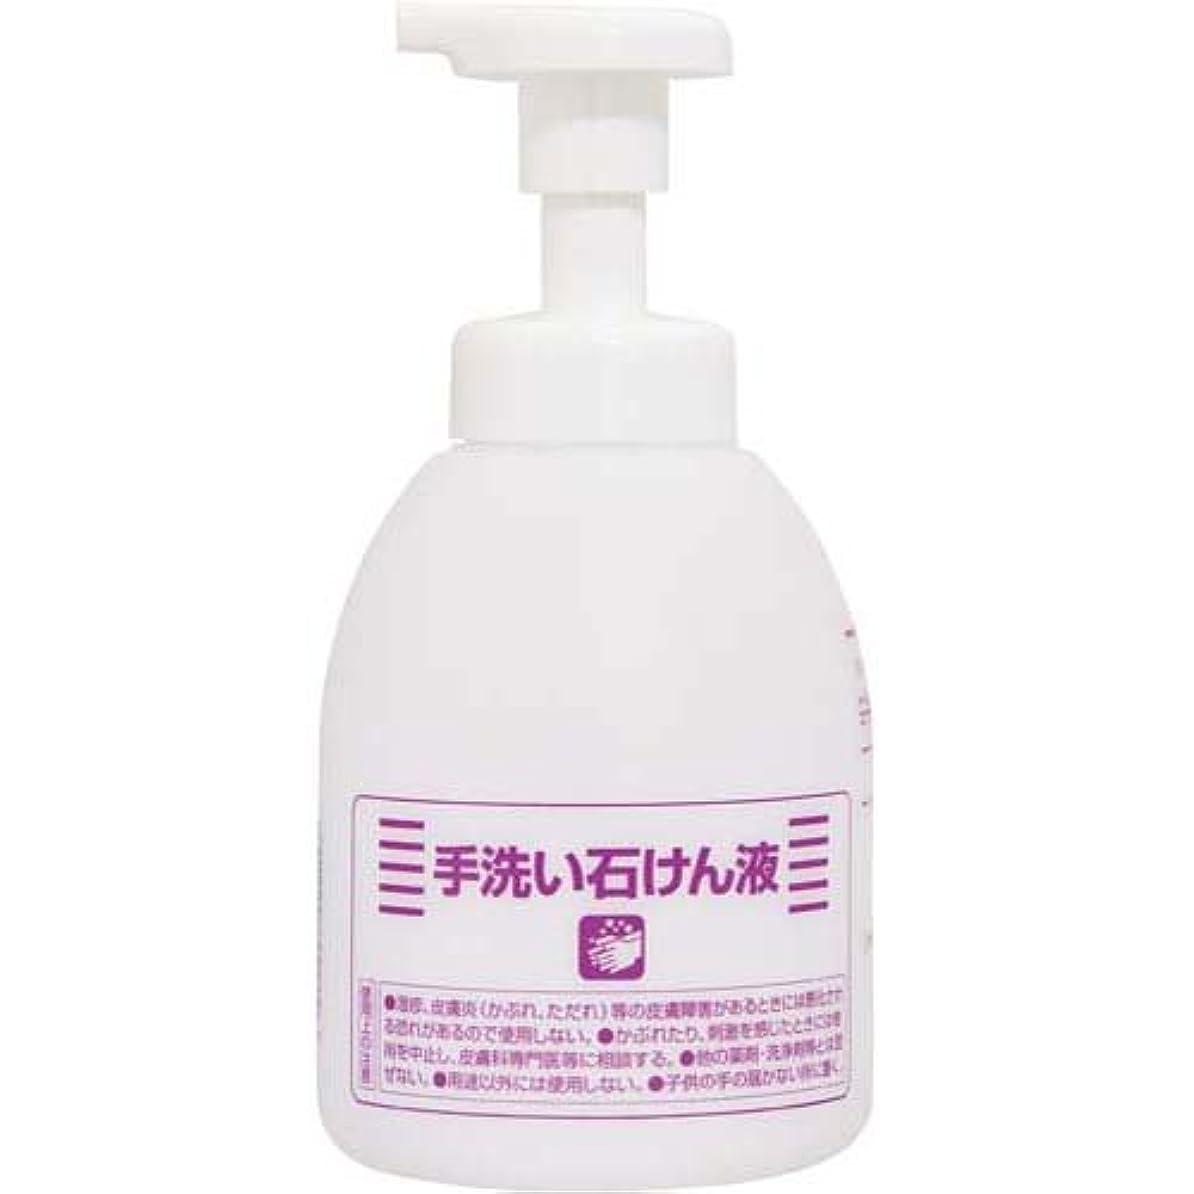 残酷ソーダ水袋ニイタカ 薬用ハンドソープ 専用空ボトル500ml×6本